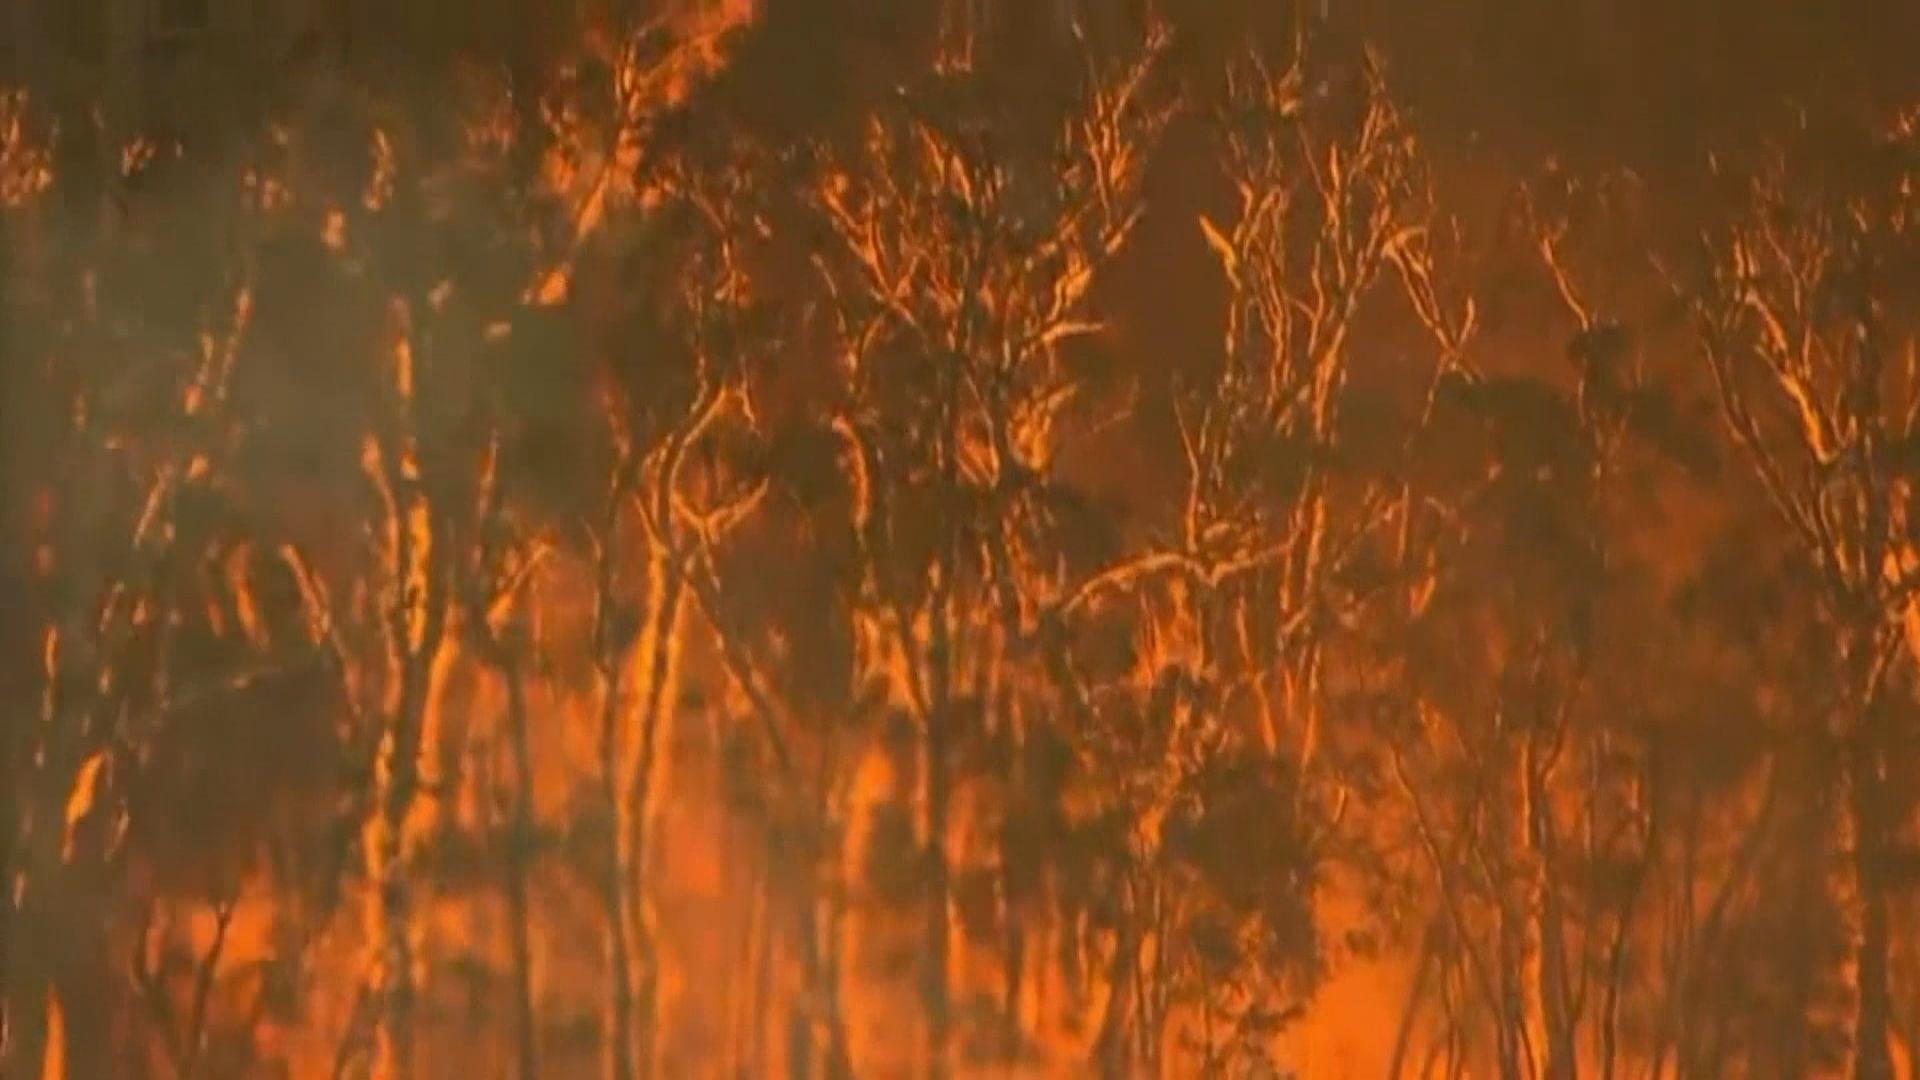 專家指澳洲一半山火涉及縱火或懷疑縱火